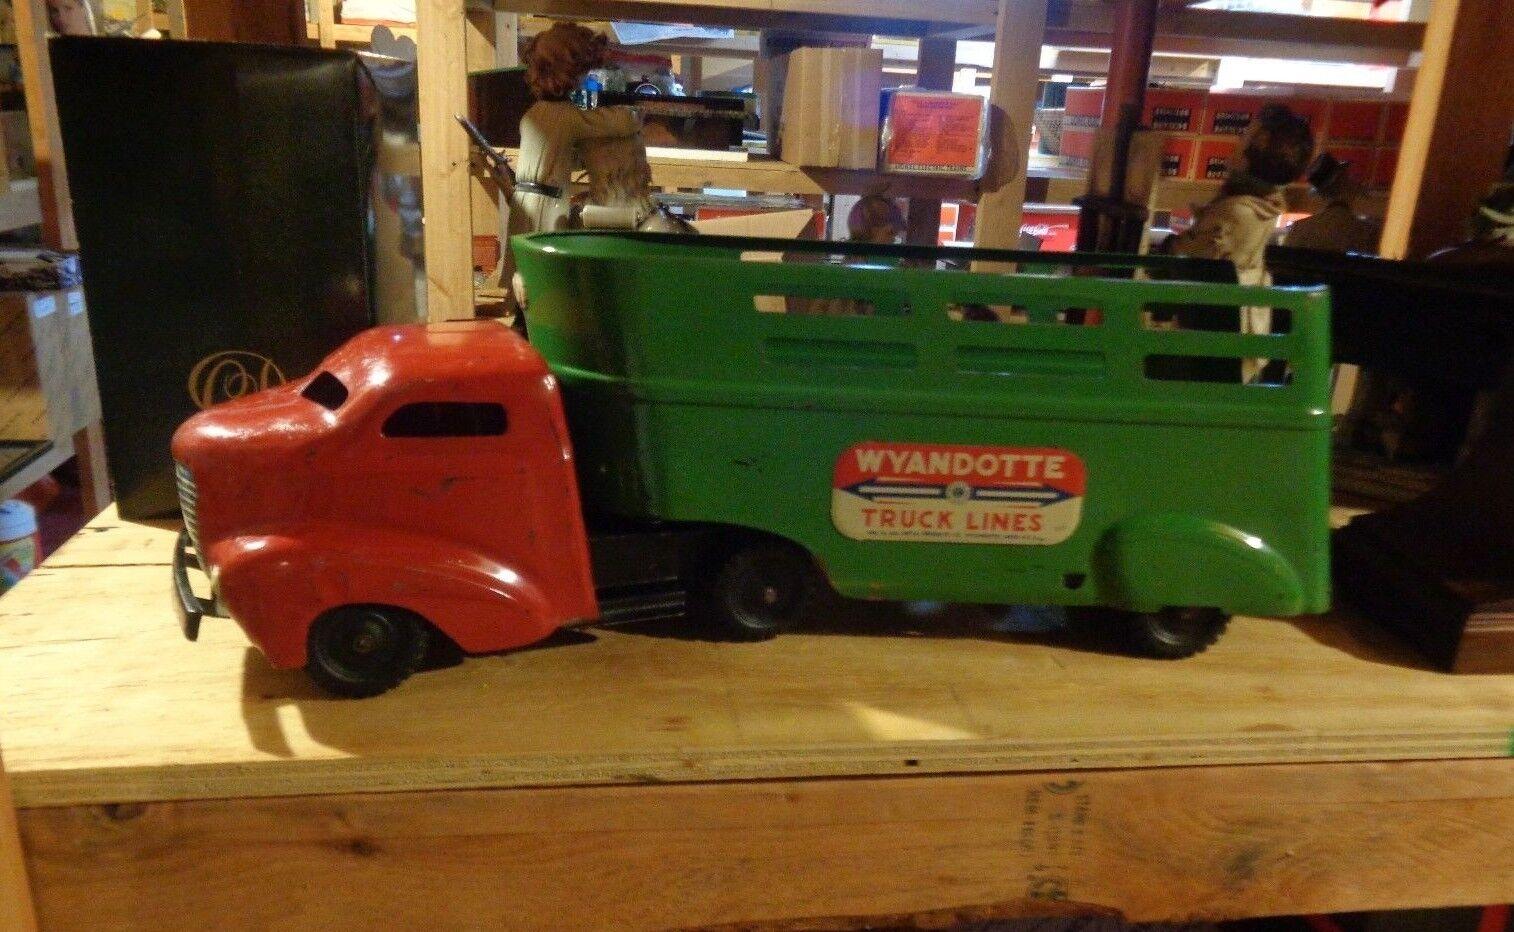 Gran Vintage Década de 1940 Wyandotte camión líneas de acero prensado Semi Remolque 24  de largo